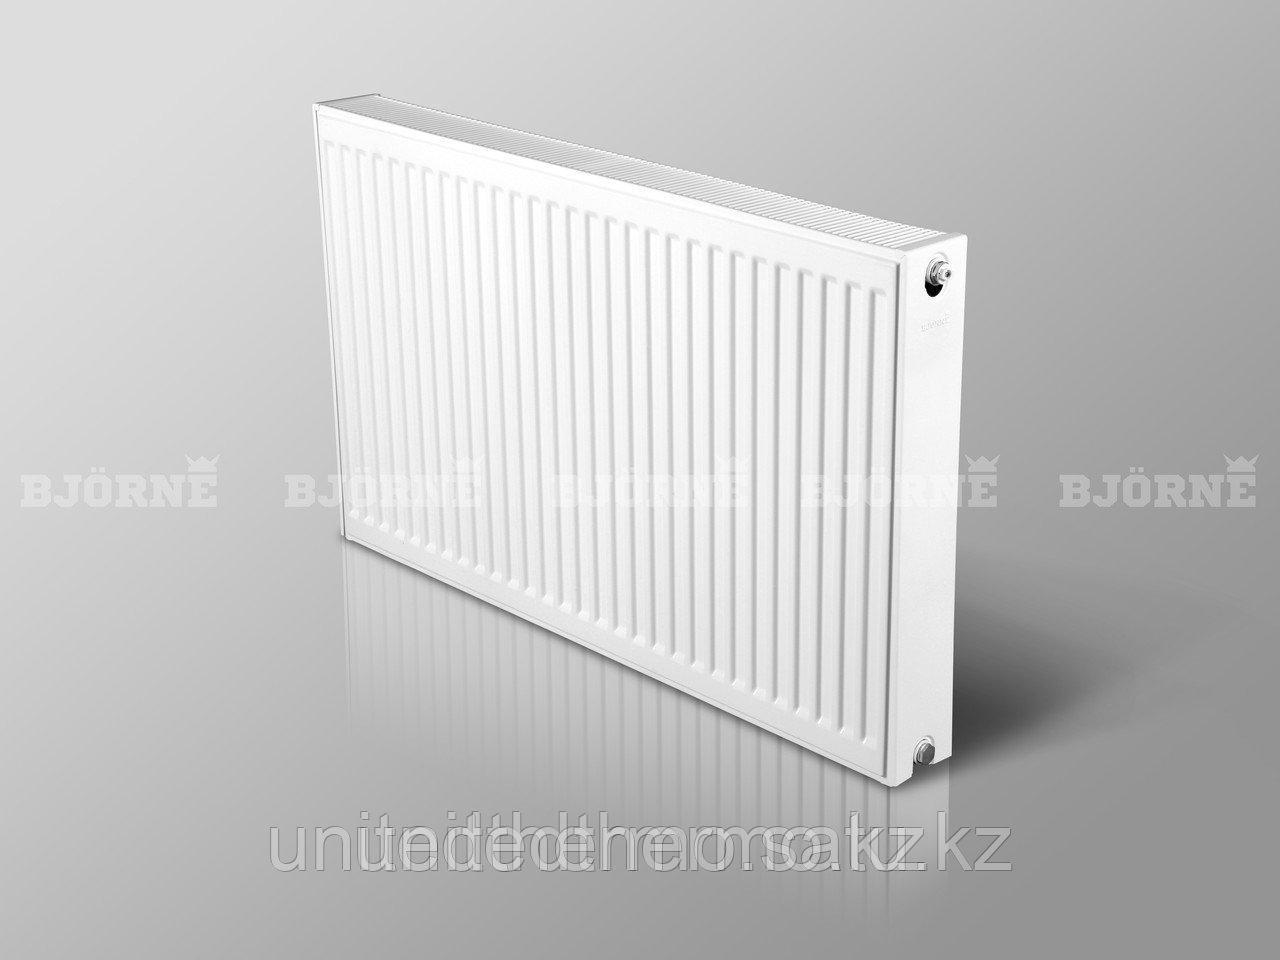 Стальной панельный радиатор Bjorne тип 33K H400мм*L400мм до L3000мм боковое подключение